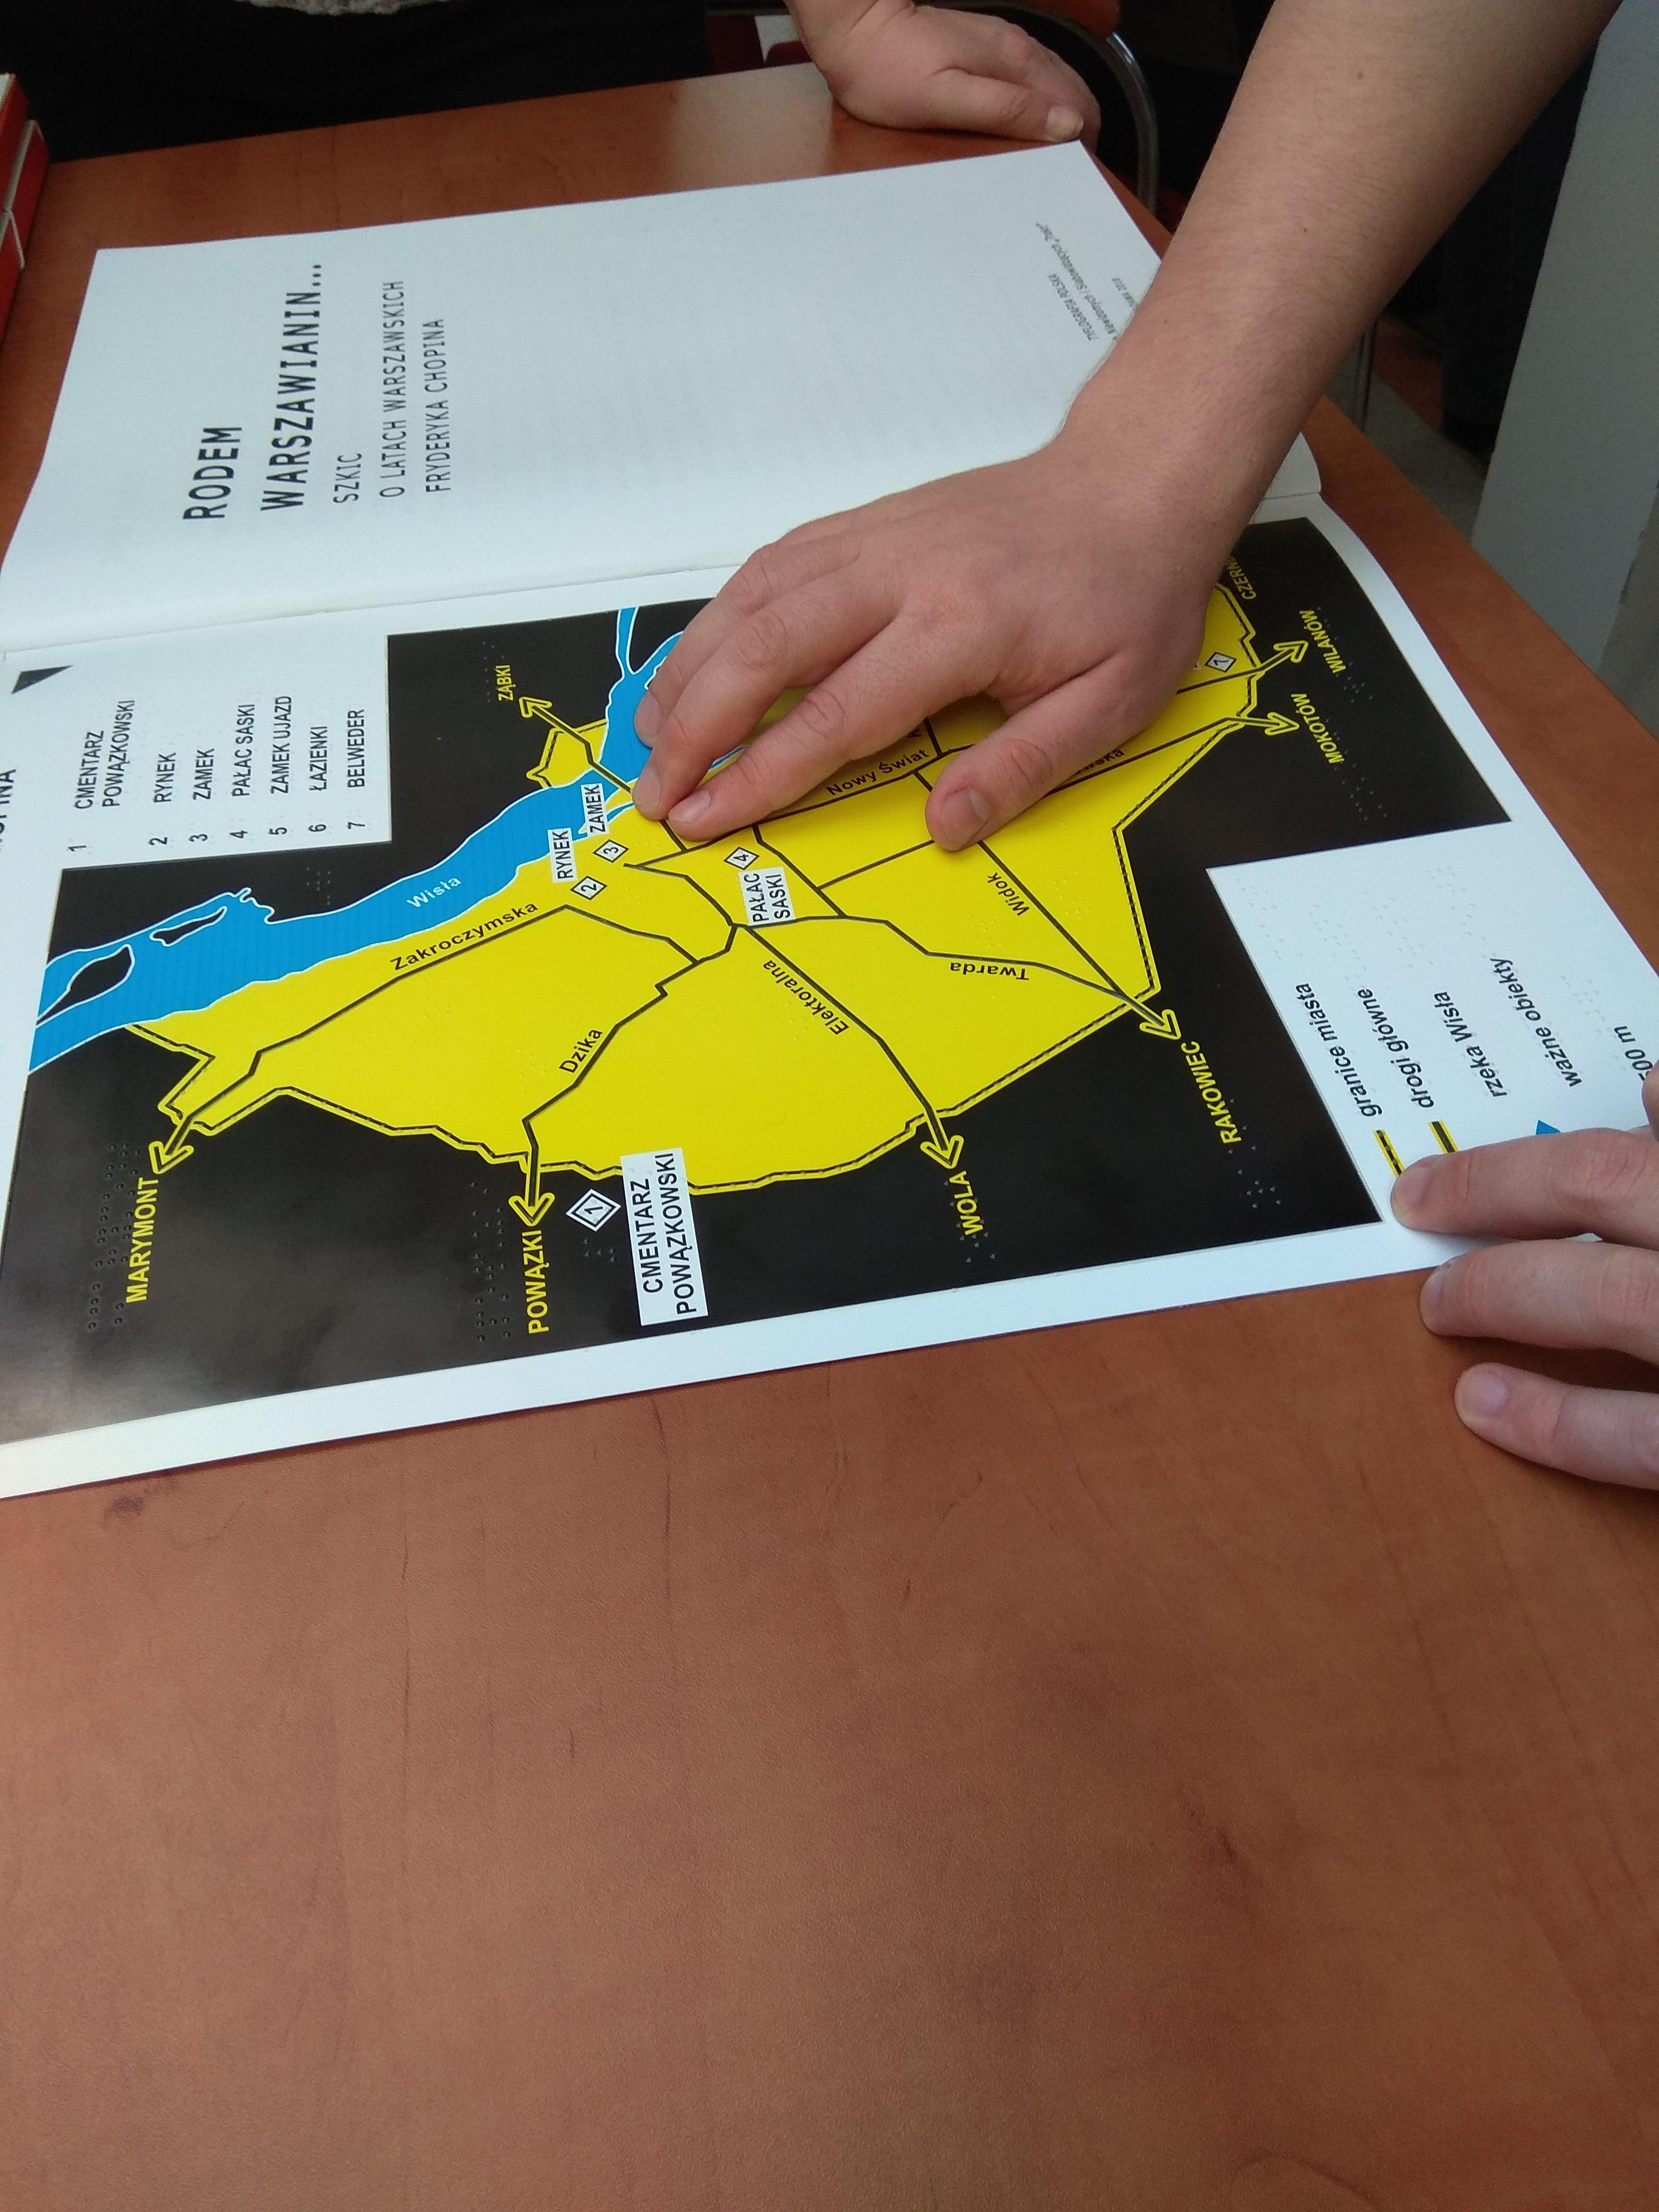 W zbliżeniu dłoń osoby czytającej dotykiem mapę.